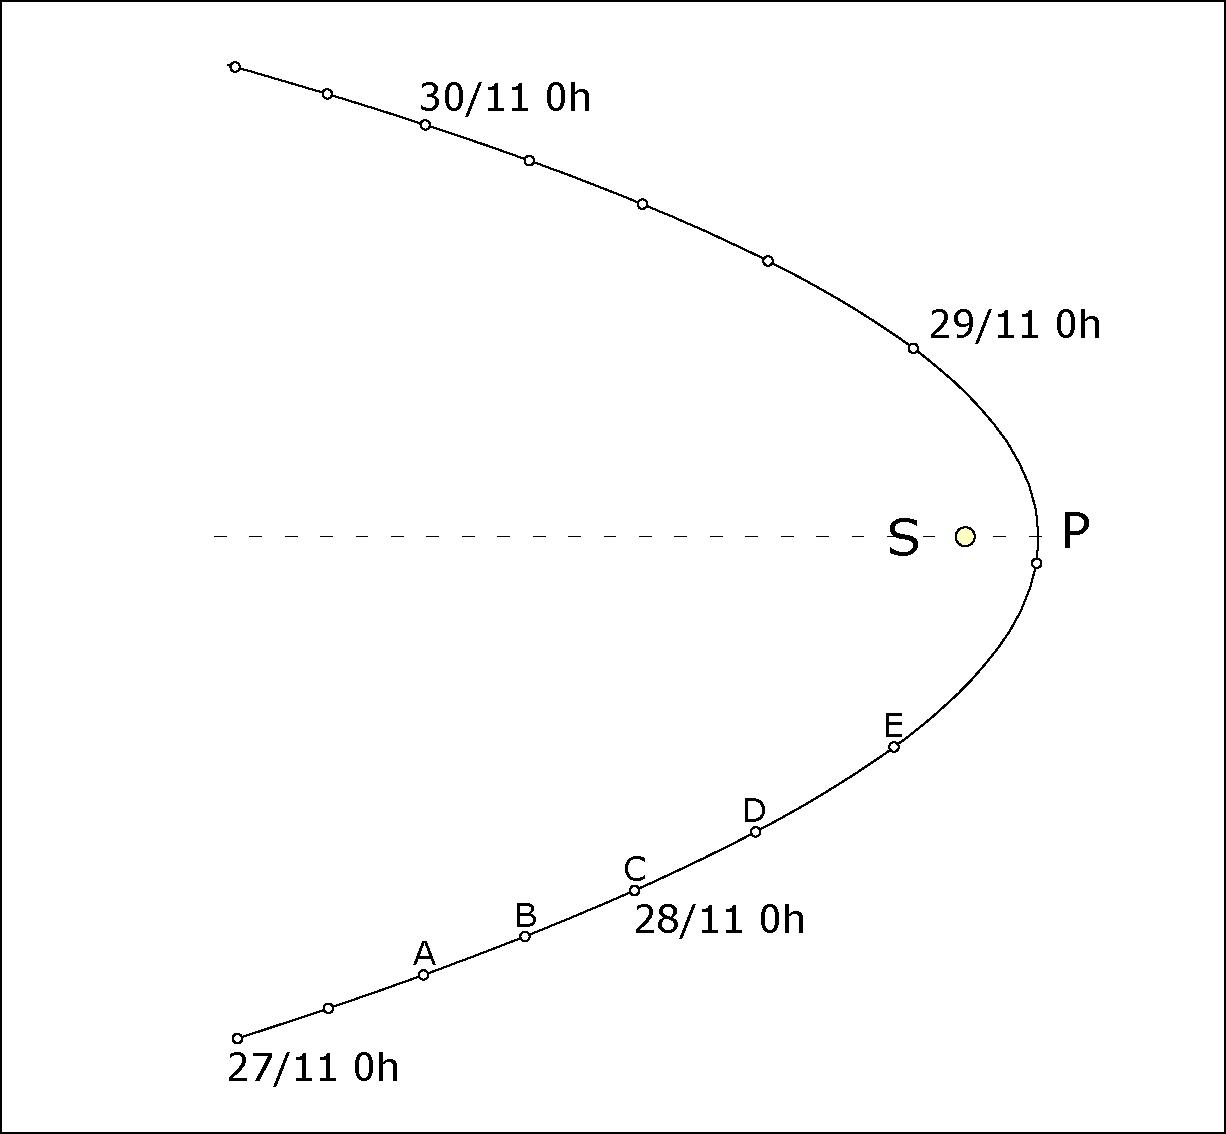 Orbite d'ISON pour tracer le vecteur acélération